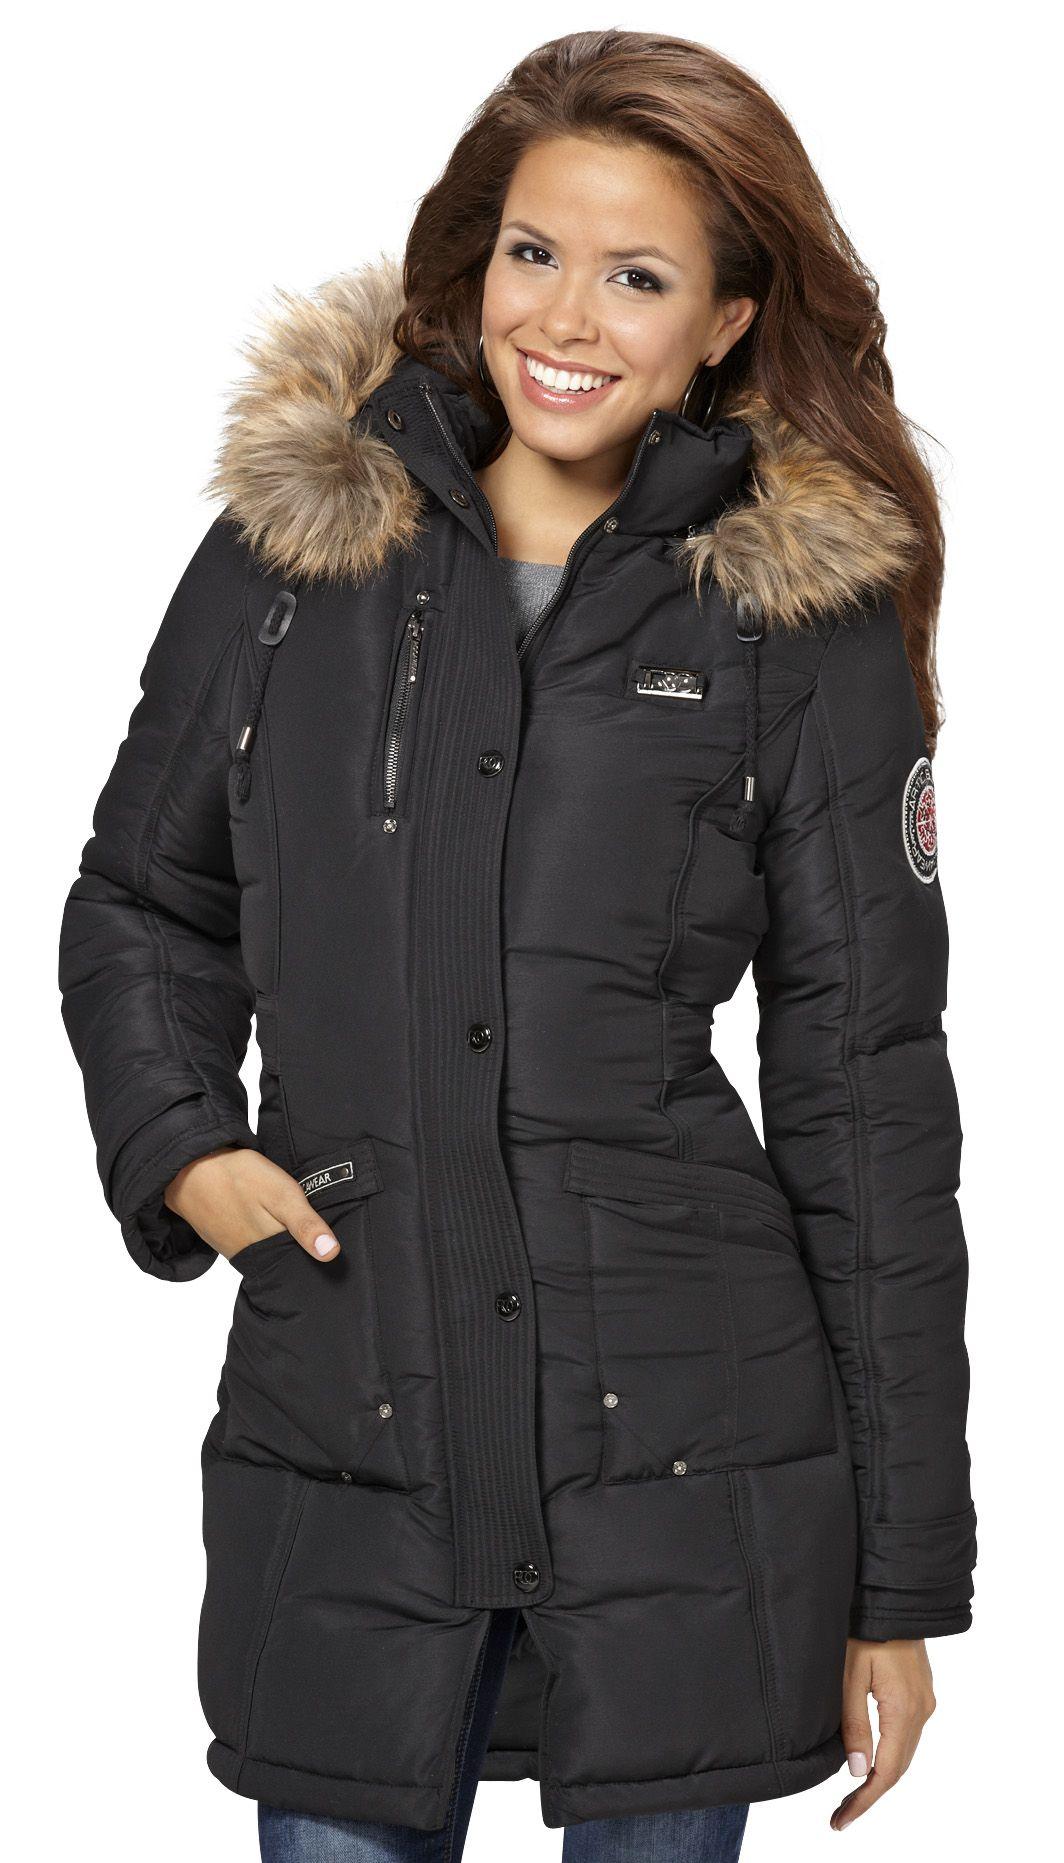 Rocawear jackets for women